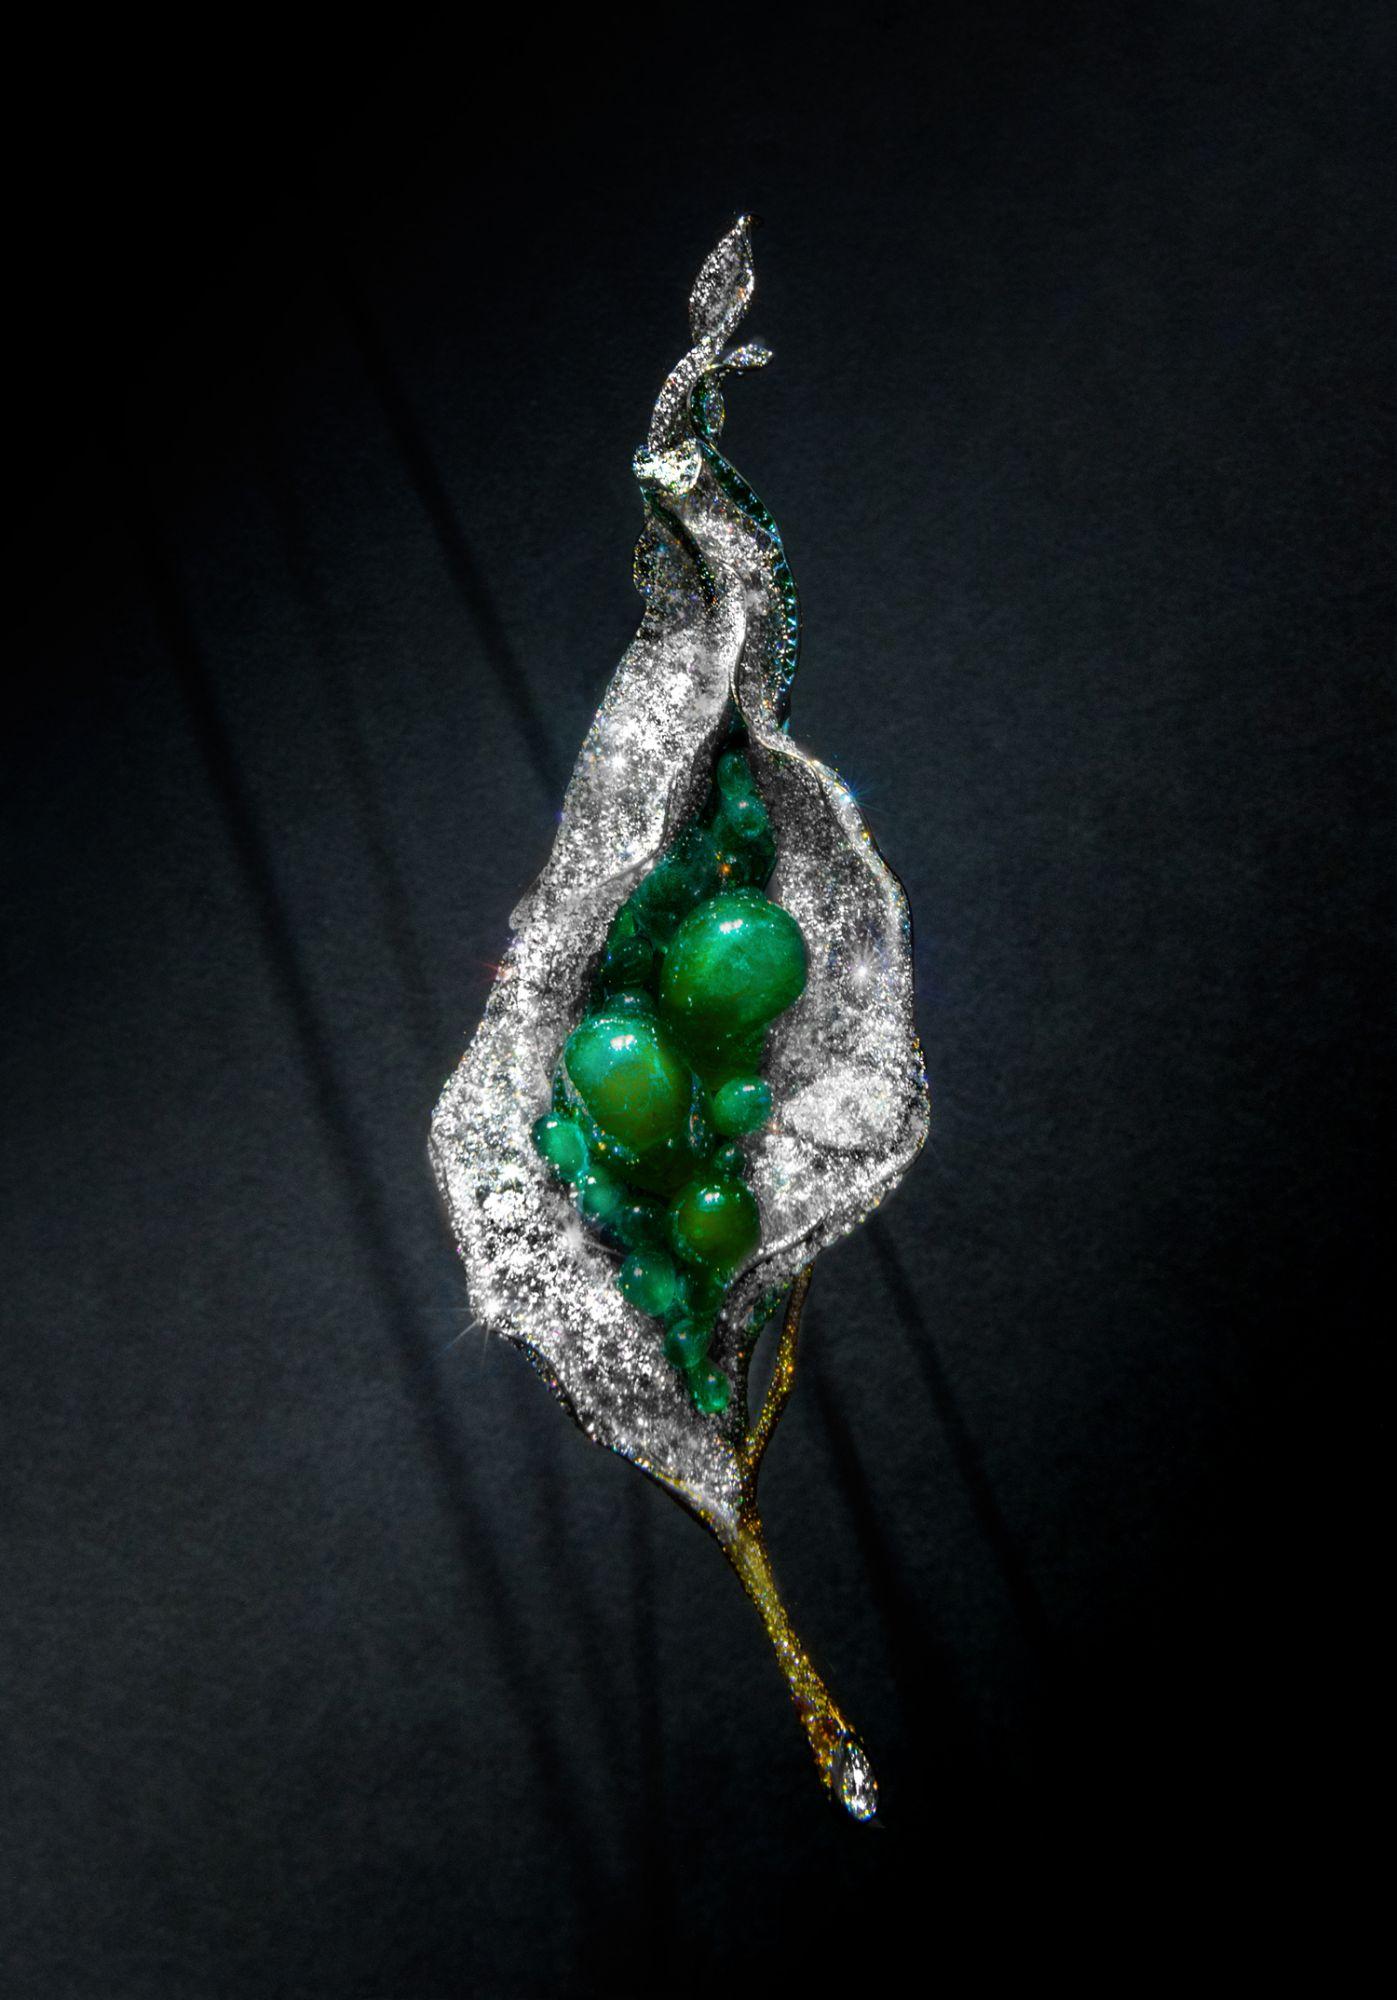 祖母綠花苞胸針。(圖片提供/CINDY CHAO)